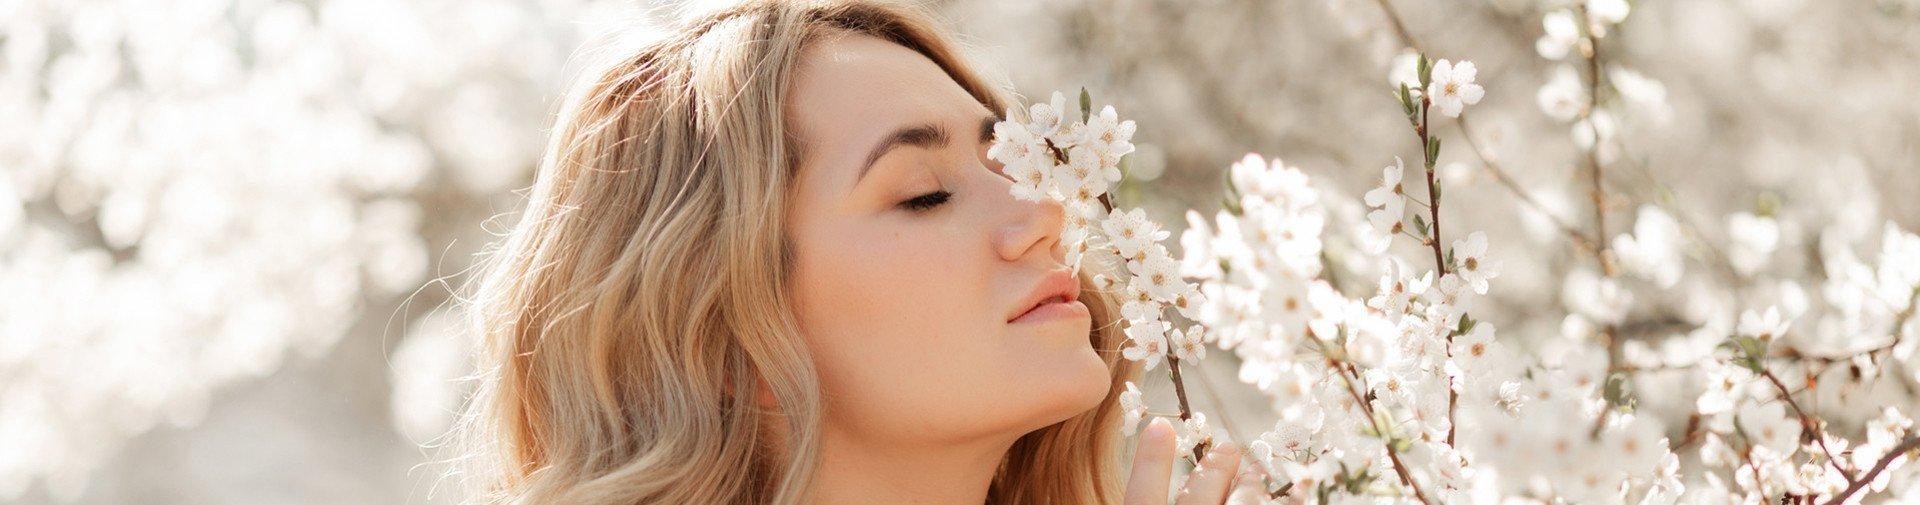 [Translate to Deutsch (Schweiz):] Frau riecht an frischen Blüten eines Baums